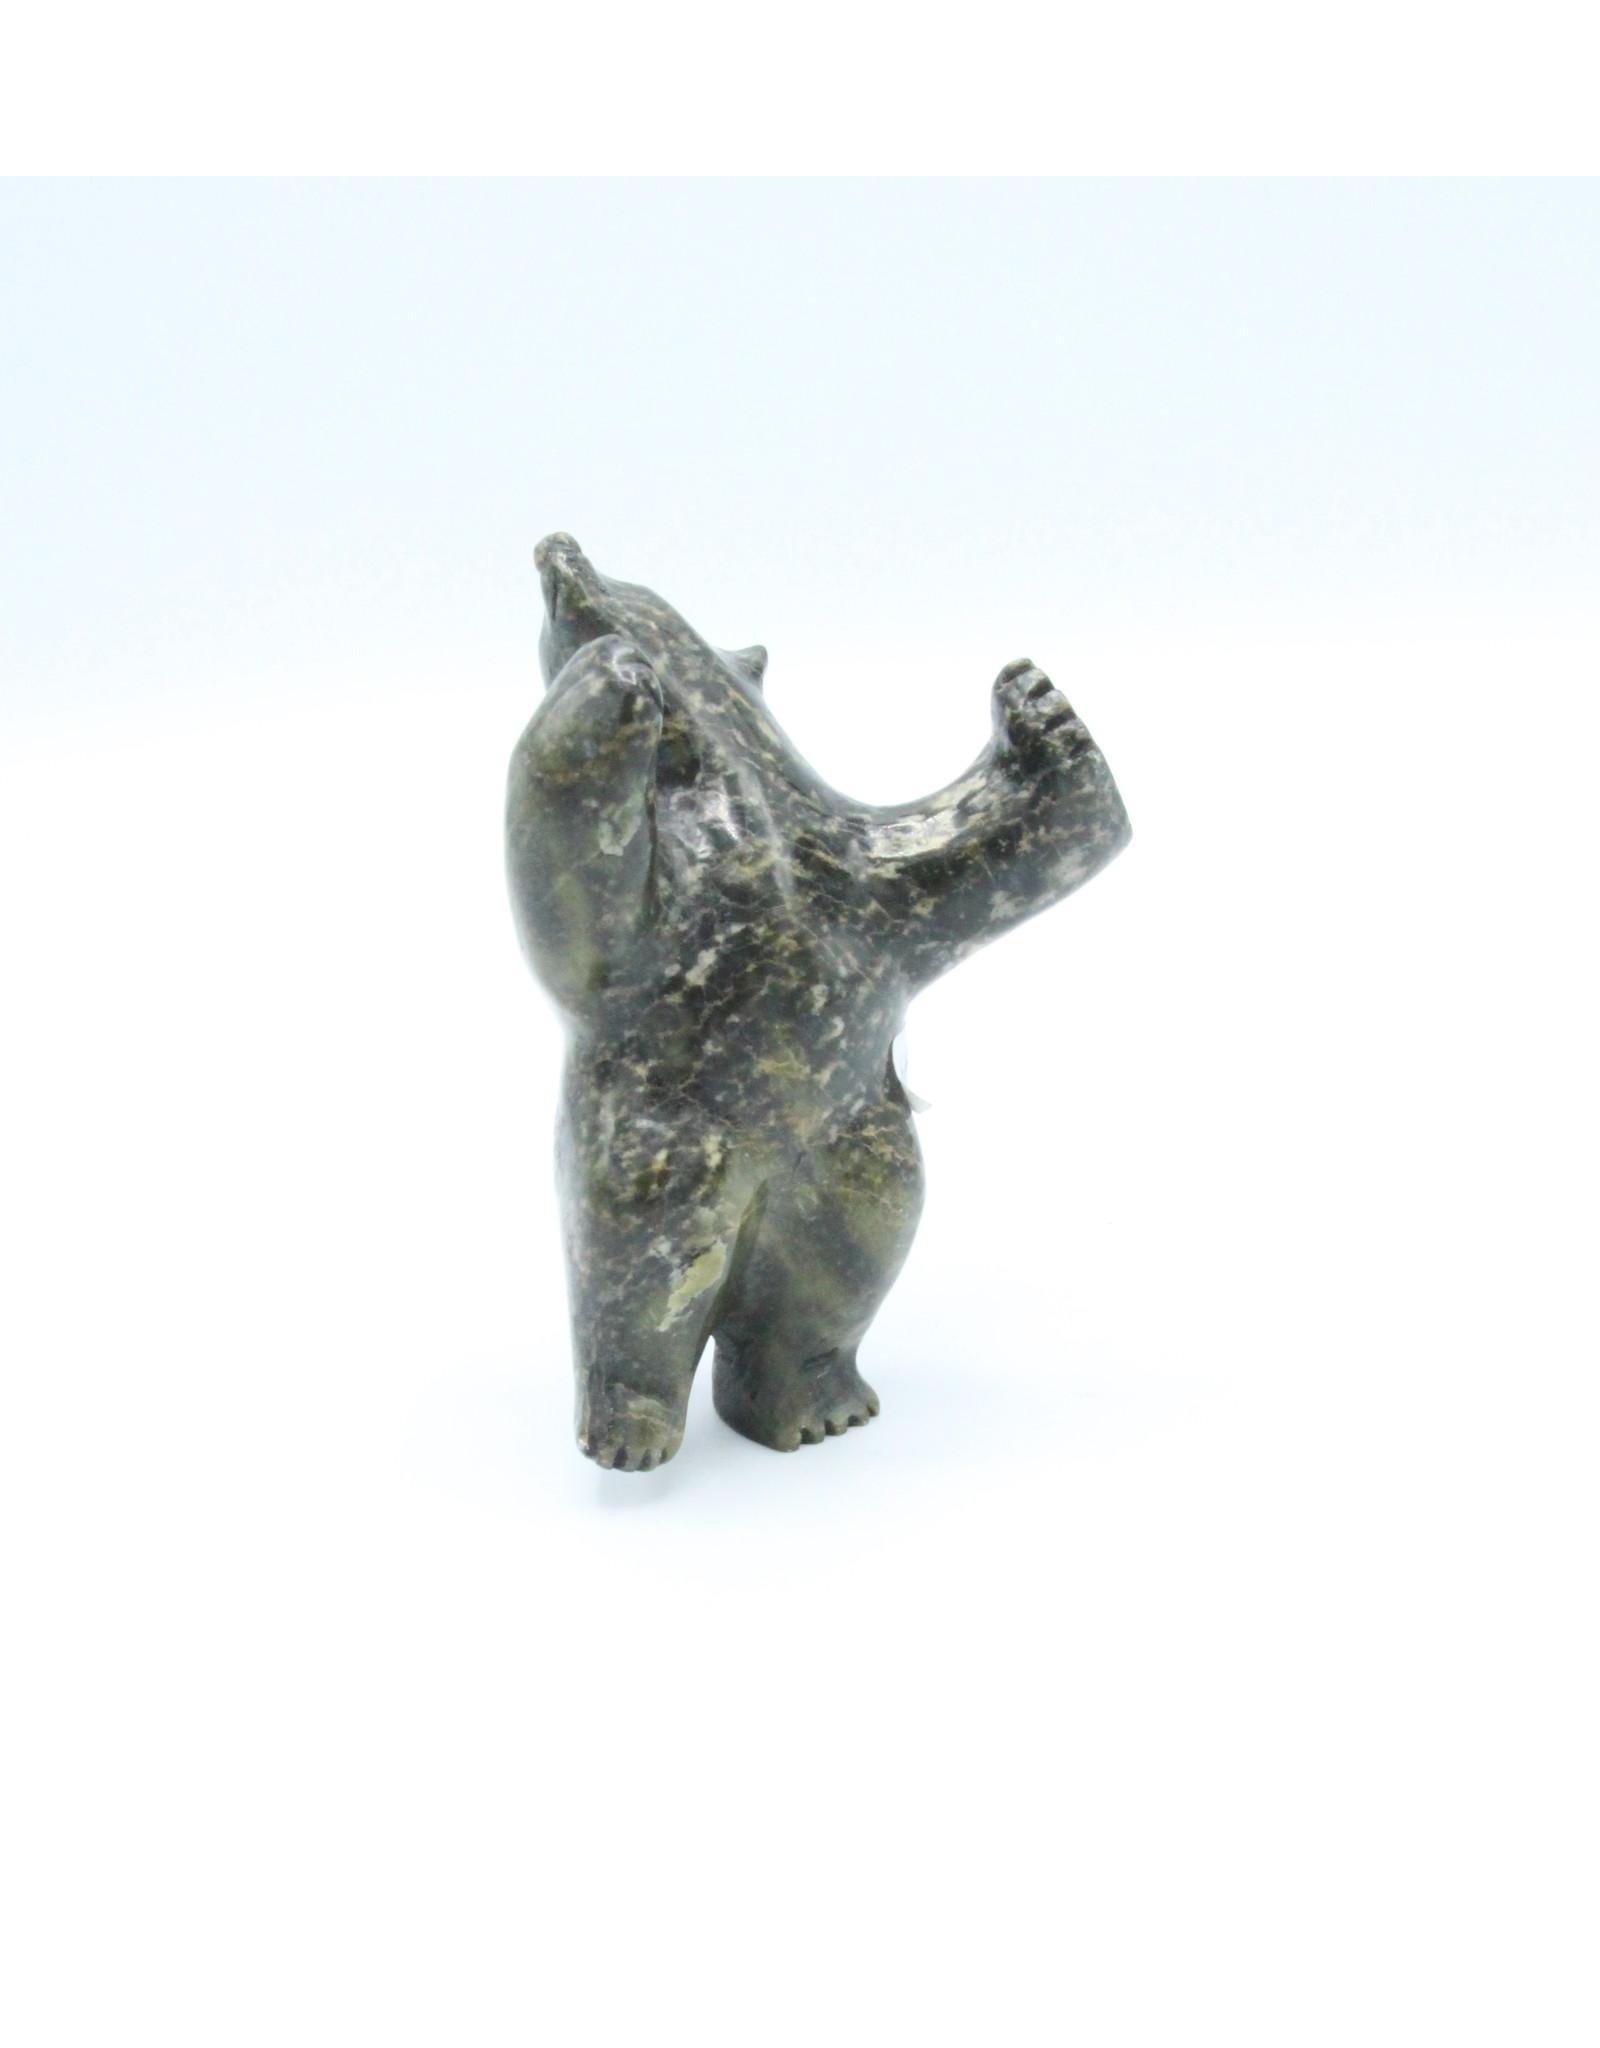 Bear 67144 by Oquttaq Shaa